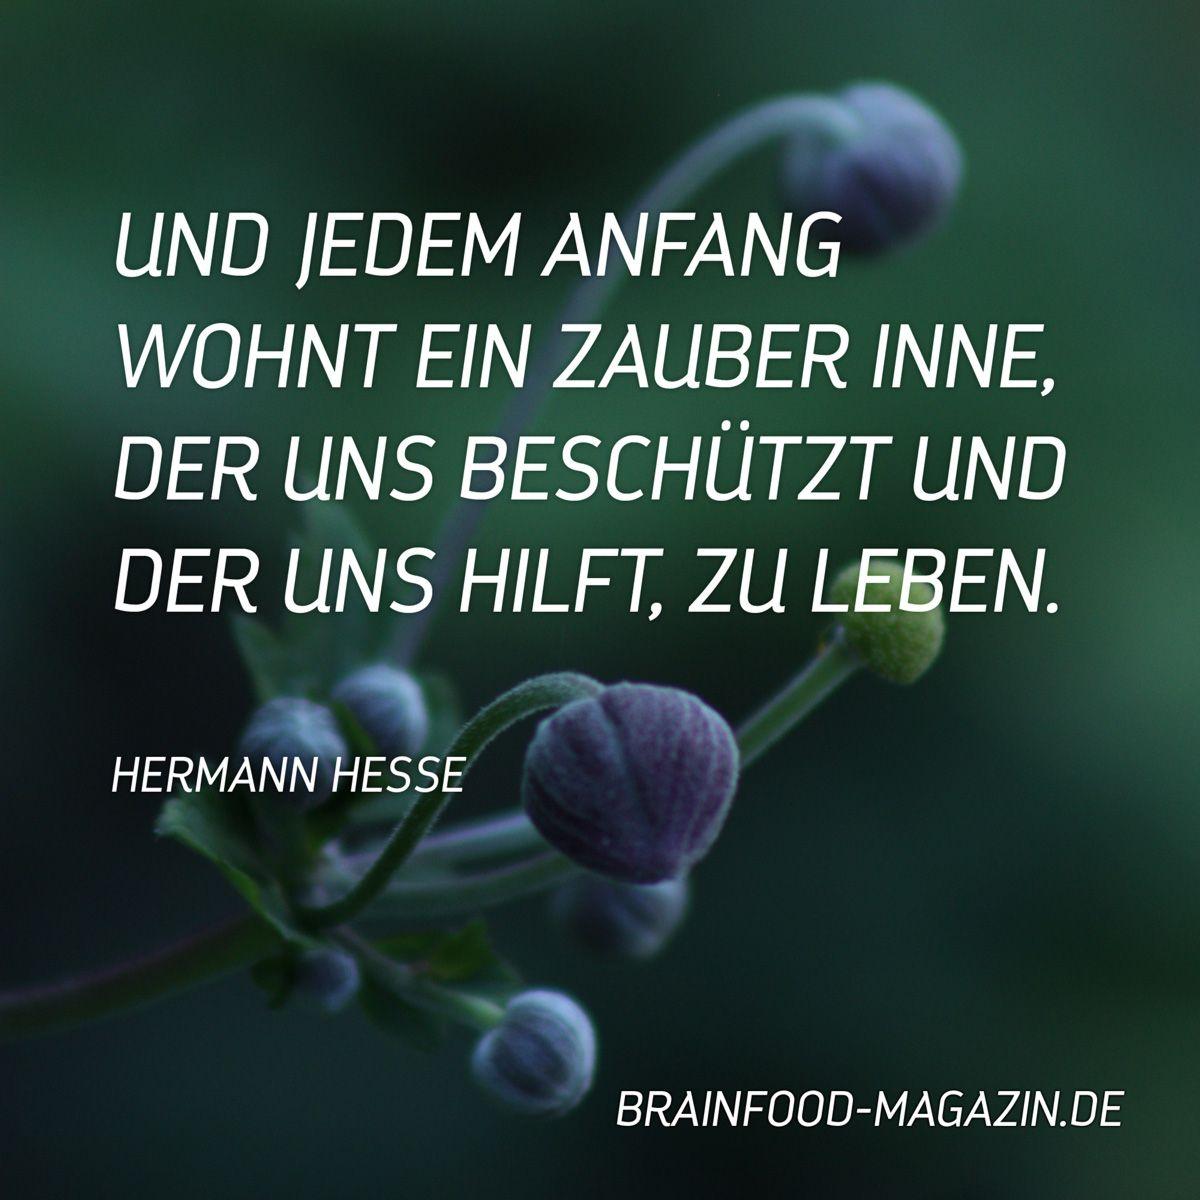 Lyrik Von Hermann Hesse Macht Mich Immer Wieder Auf Eine Angenehme Art Nachdenklich Vielleicht Geht Es Dir Auch So Dann Kann Ich Dirses Buch